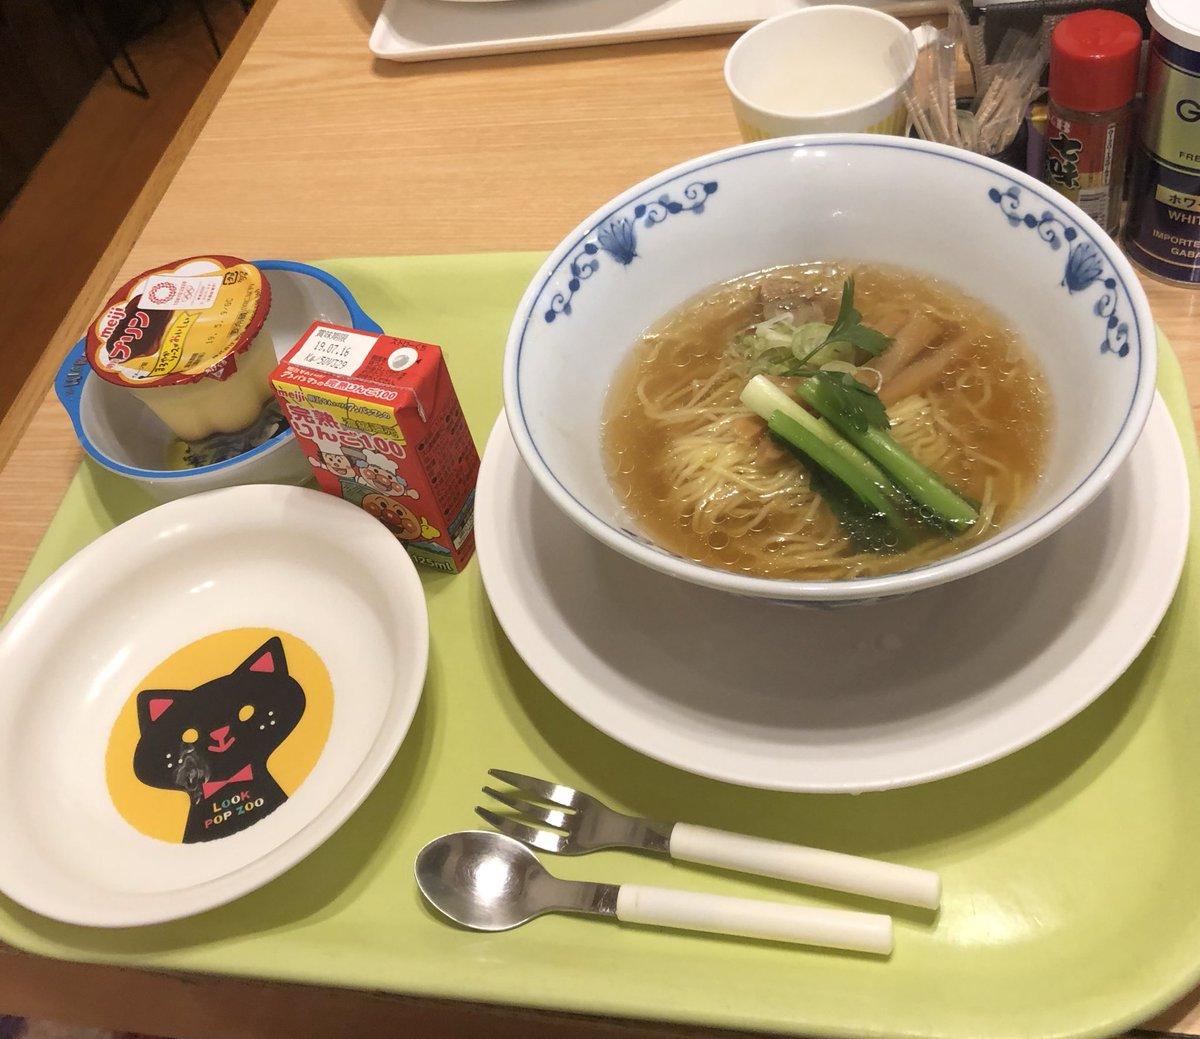 #DINING・れんげ #太田市 #ラーメン @dining_renge